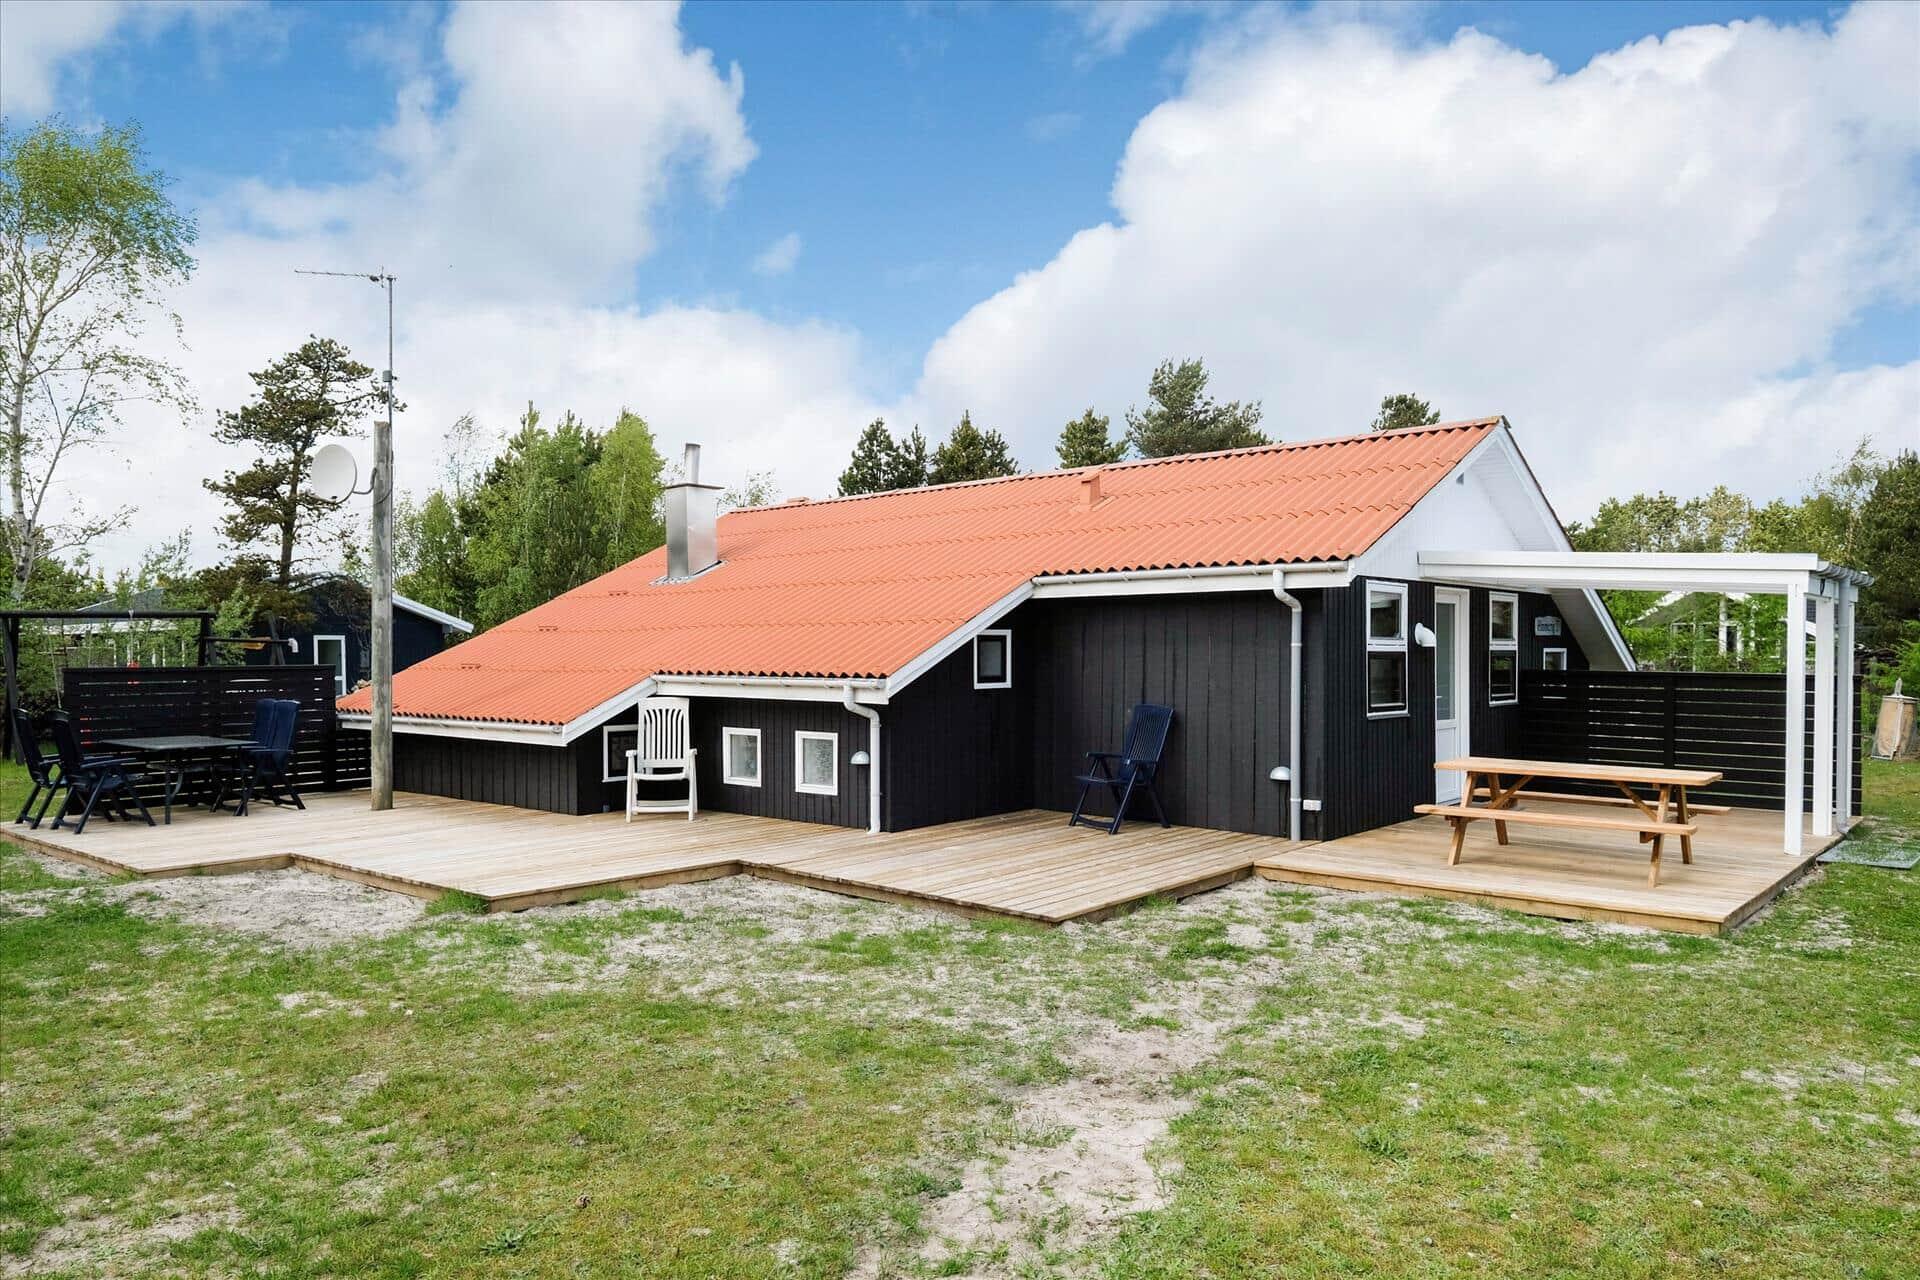 Image 0-401 Holiday-home HA133, Rødkløvervej 24, DK - 9370 Hals